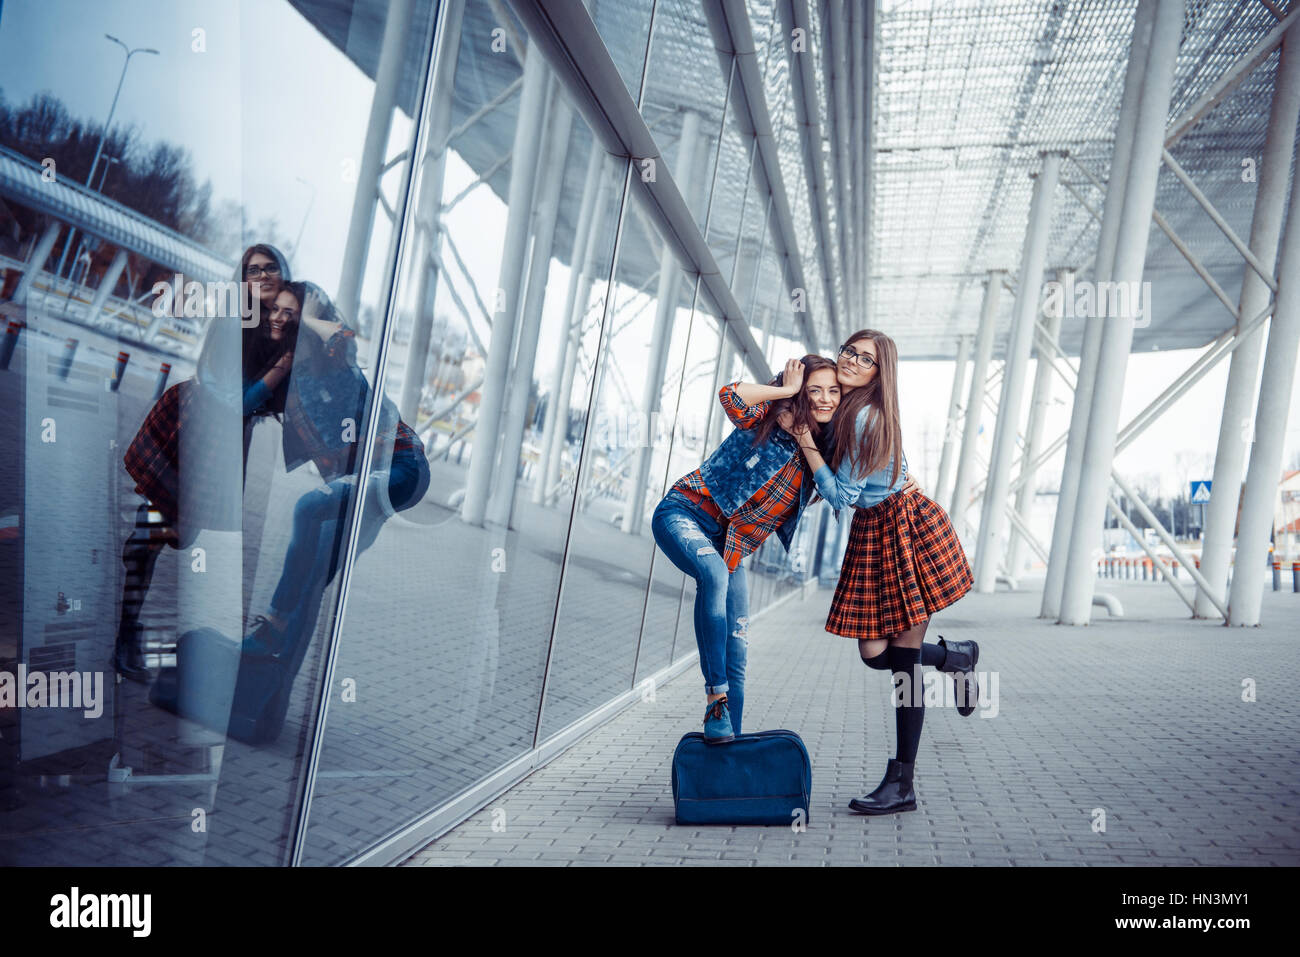 Mädchen, die Spaß haben und glücklich wenn sie am Flughafen abgeholt. Kunst-proc Stockbild